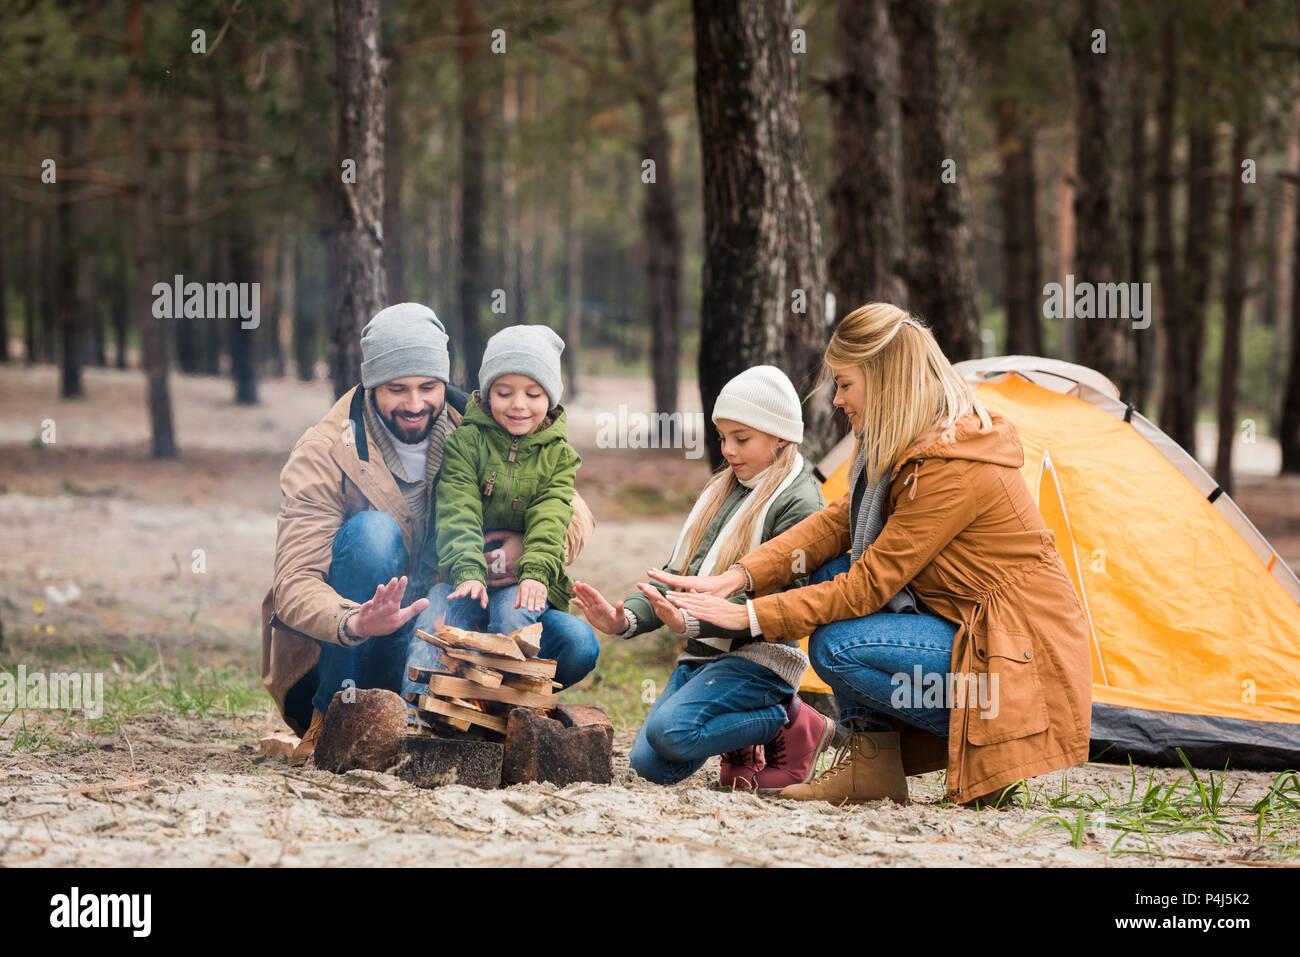 La famiglia felice riscaldando le mani con il falò pur avendo viaggio Immagini Stock